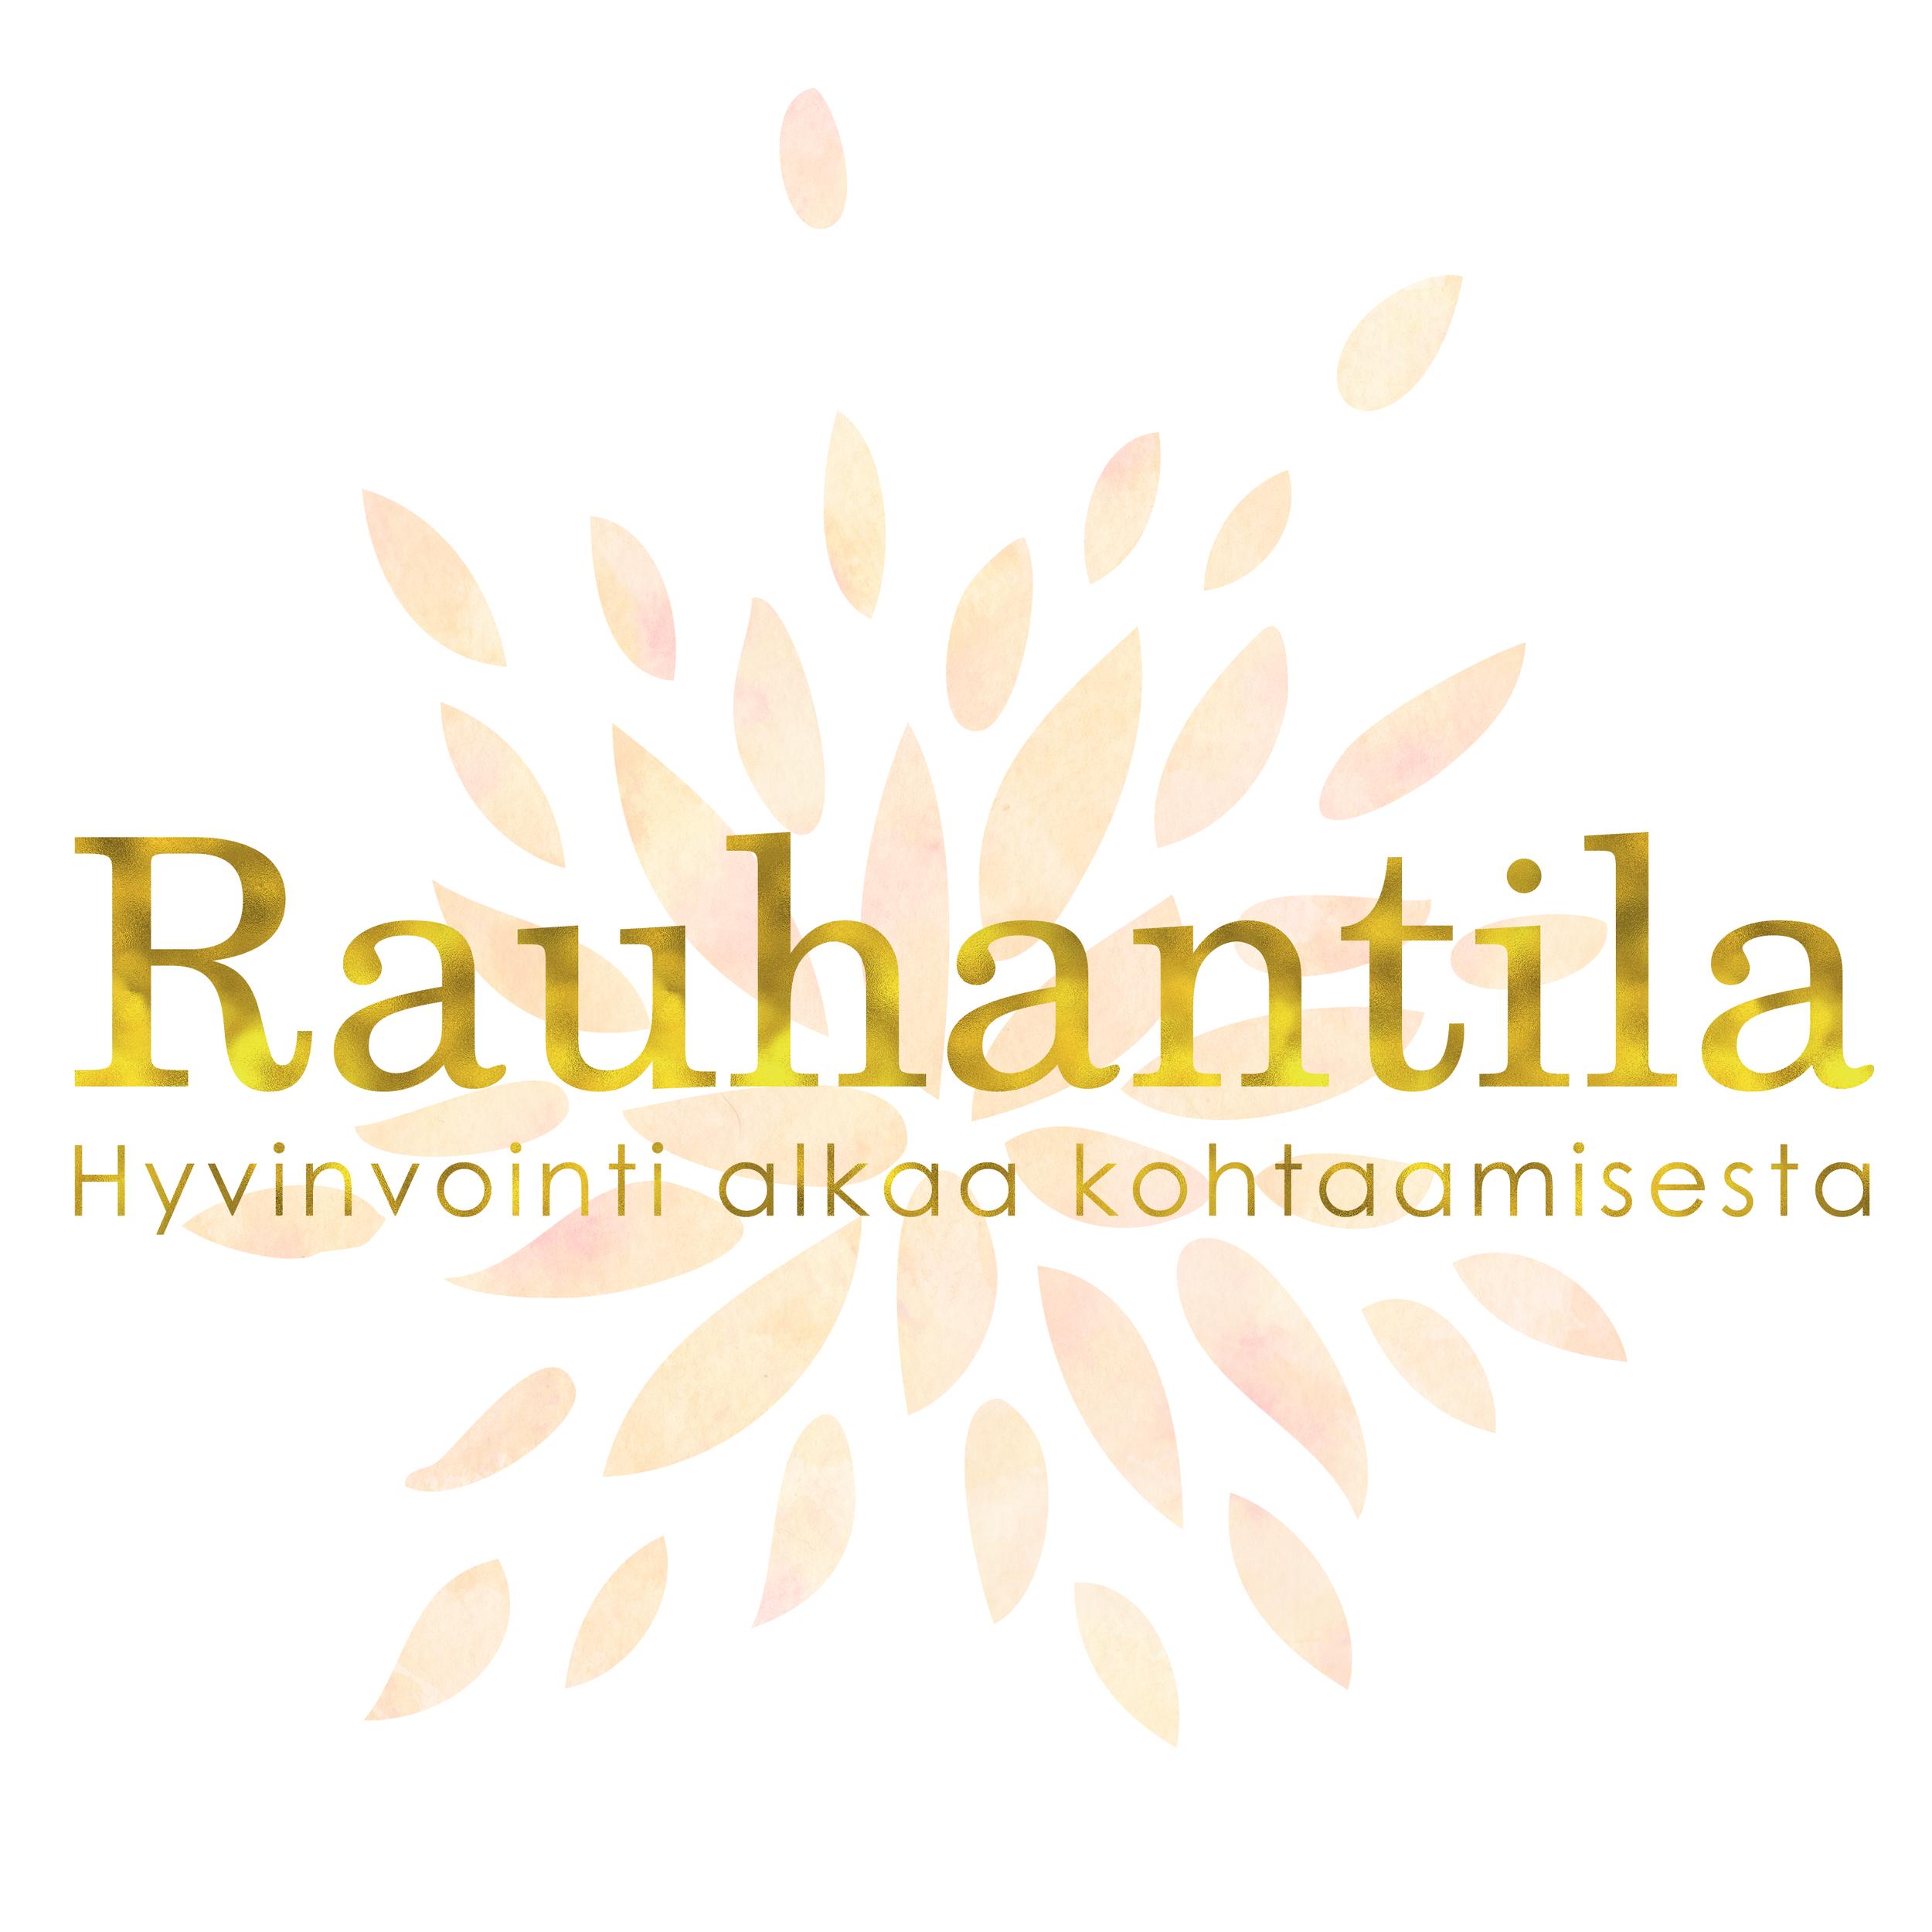 Onneksi Olkoon Rauhantila! - Rauhantilan yksivuotissynttärit 29.9.18. klo 15.00.-23.00. osoitteessa Koulukatu 6, Tampere.Olet lämpimästi tervetullut juhliin, joiden ohjelma paljastetaan vasta myöhemmin!Rauhantilalla toimii elo-syyskuusta alkaen yhteensä kuusi ihmistä, joista kullakin on jotain ainutlaatuista tarjottavaa varmasti myös sinun toiveisiisi!Tule siis 29.9. klo 15.00.-23.00. tutustumaan mitä kaikkea Rauhantilalla voi tästä syksystä alkaen tehdä!Anna